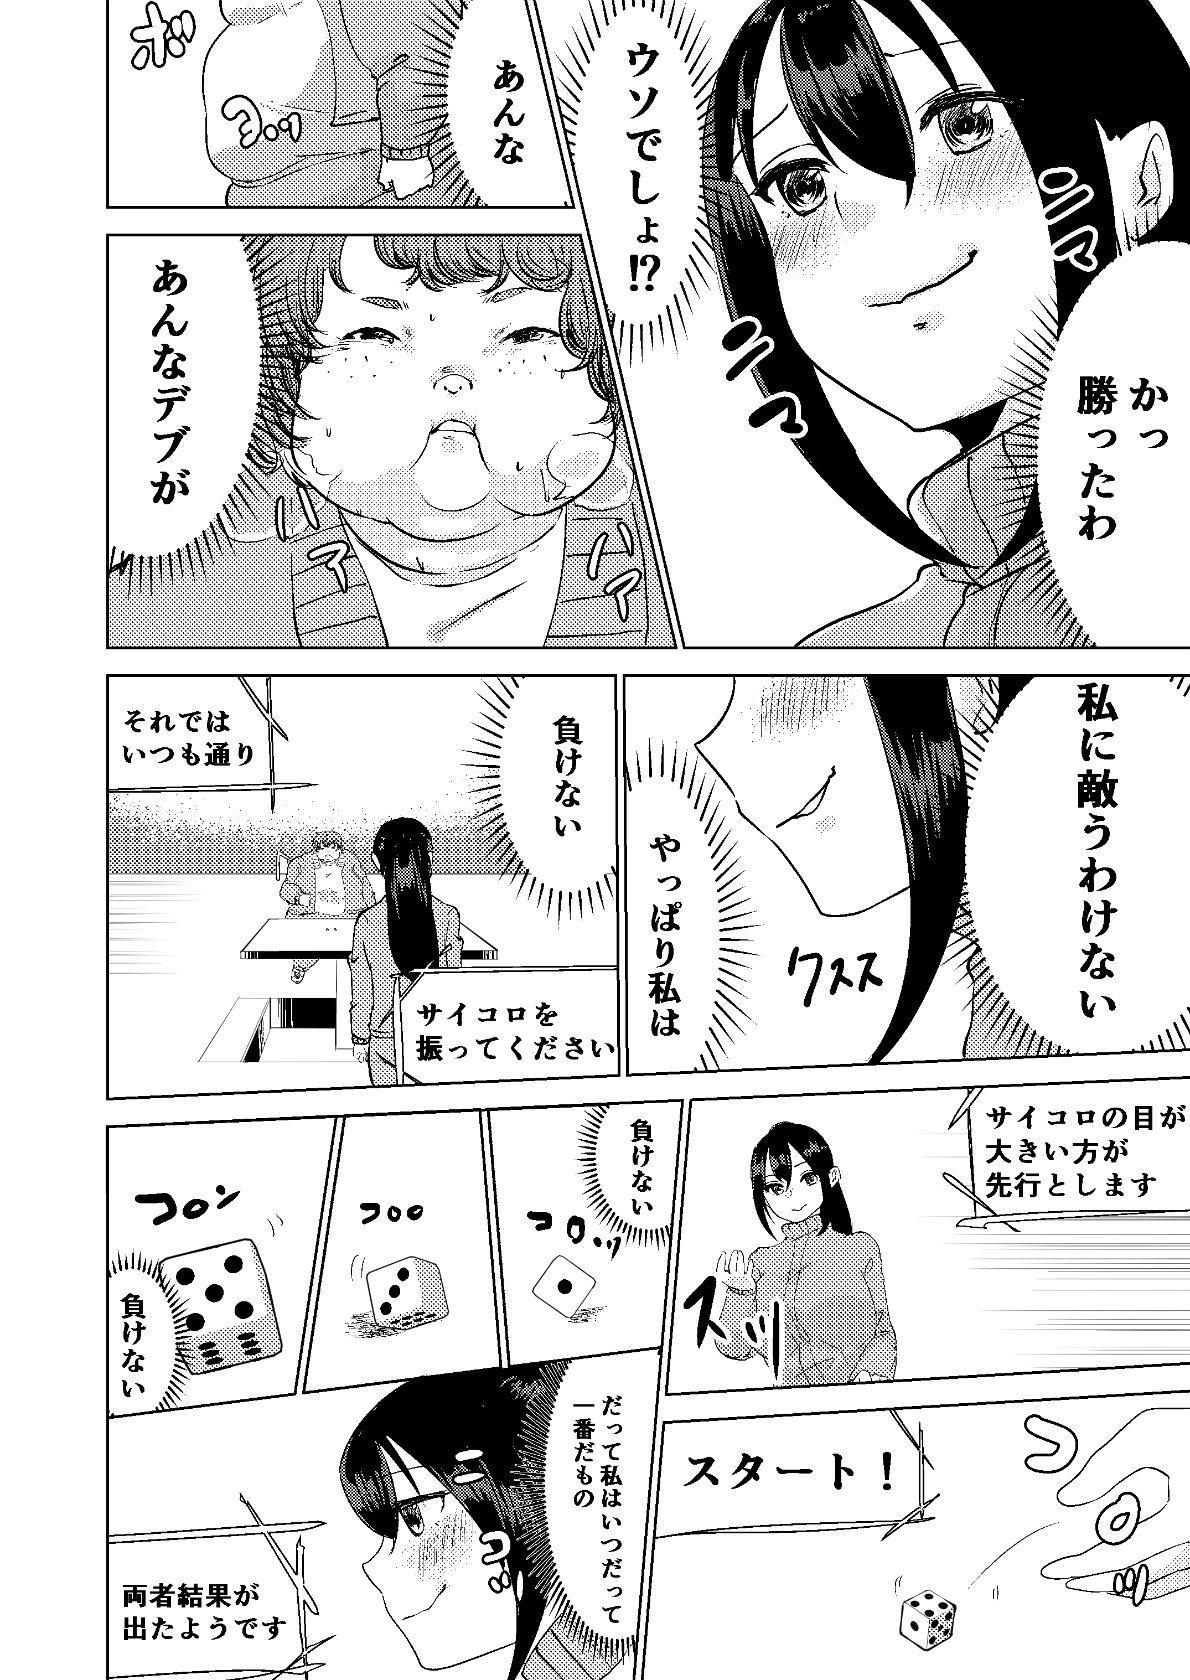 Kyou kara Watashi wa Anata ni Naru. 7